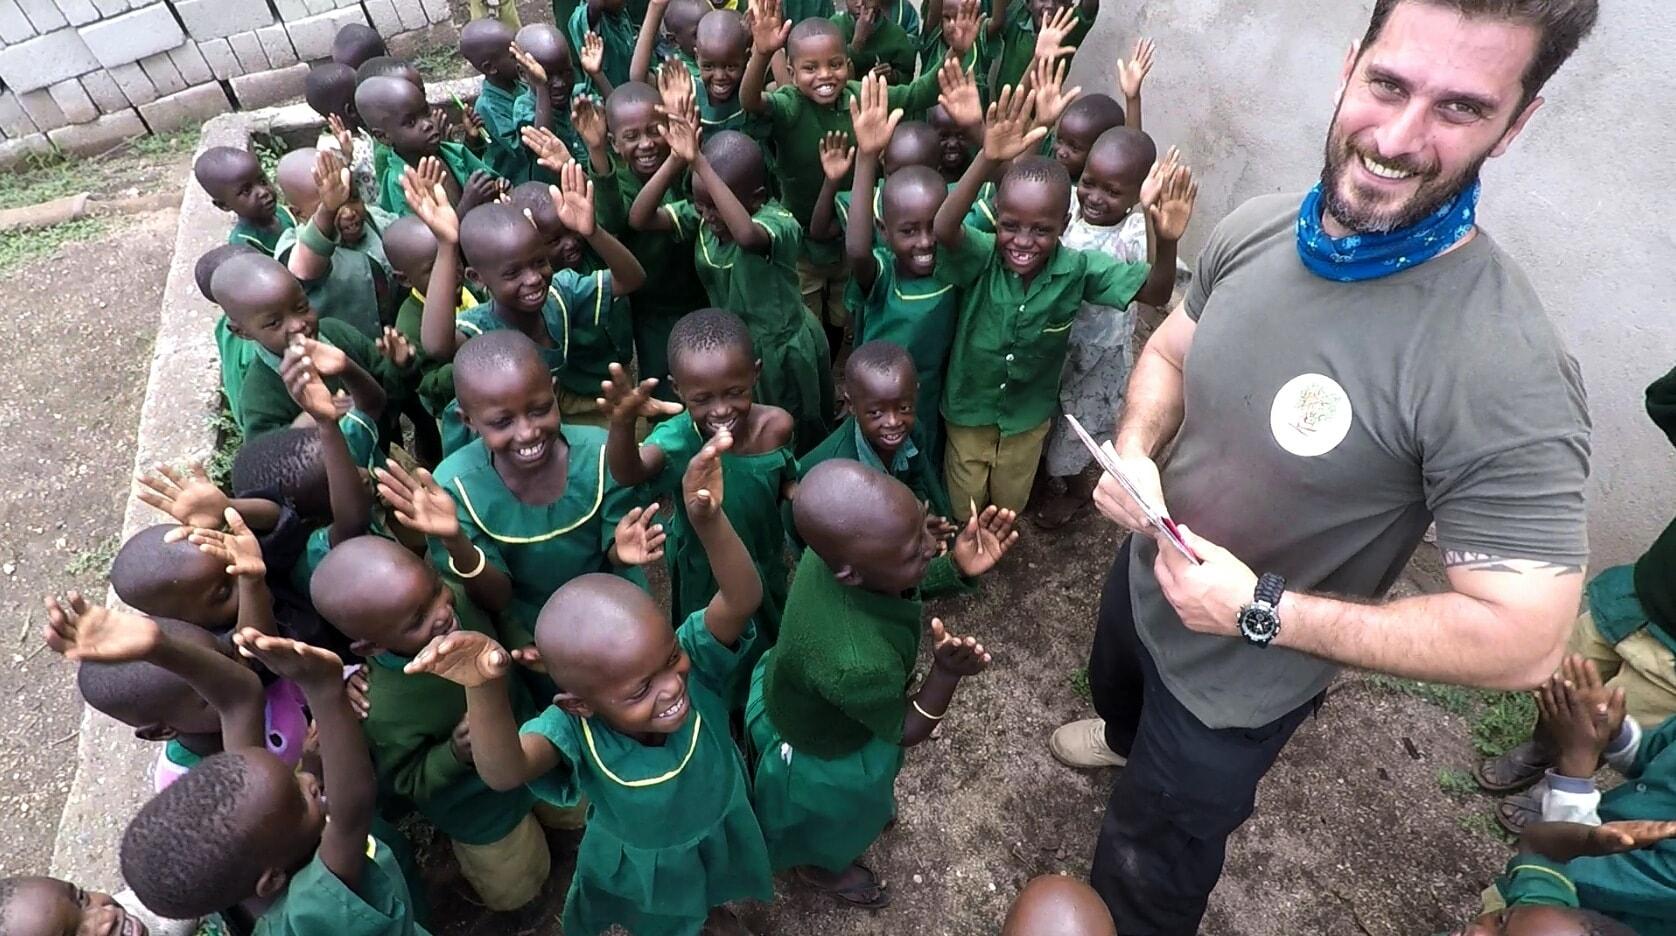 Τανζανία,   Αφρική - 2 Ιουλίου, 2019   Για συνεισφορές στο χτίσιμο ενος καλύτερου μέλλοντος για τους λιγότερο ευνοήμενους πατήστε το κουμπί εισφορές και για πληροφορίες σχετικά με το τι κάνουμε περιηγηθείτε στη σελίδα μας.